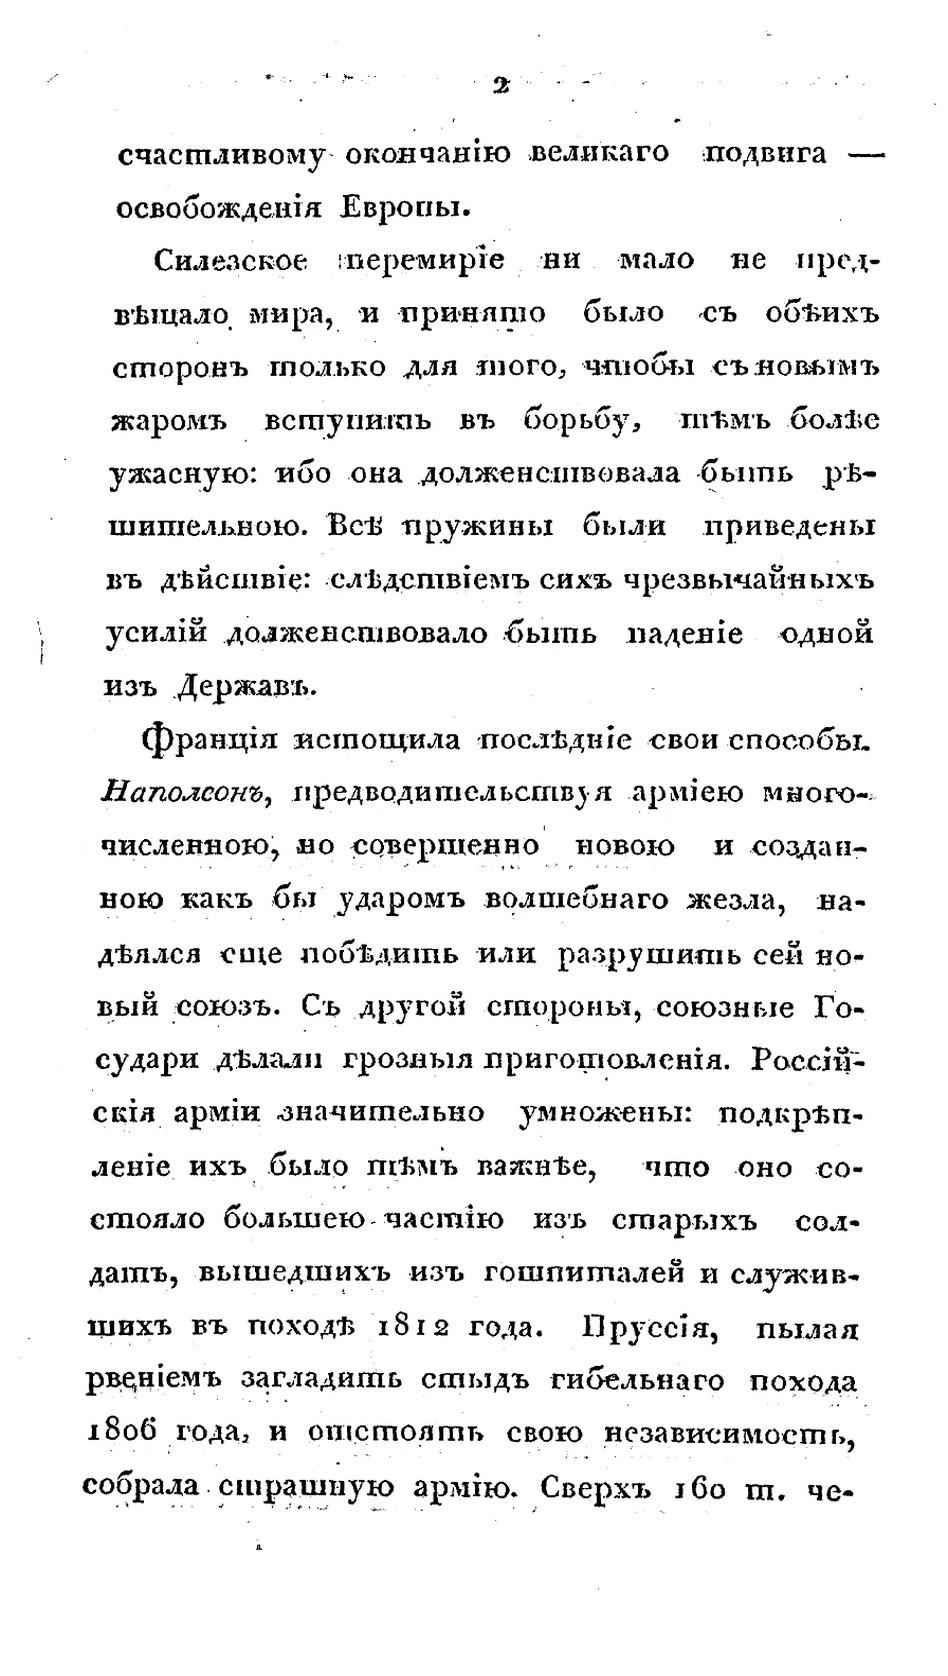 http://i5.imageban.ru/out/2014/08/03/9099f7055179ae4571f1920d9b7a3555.jpg